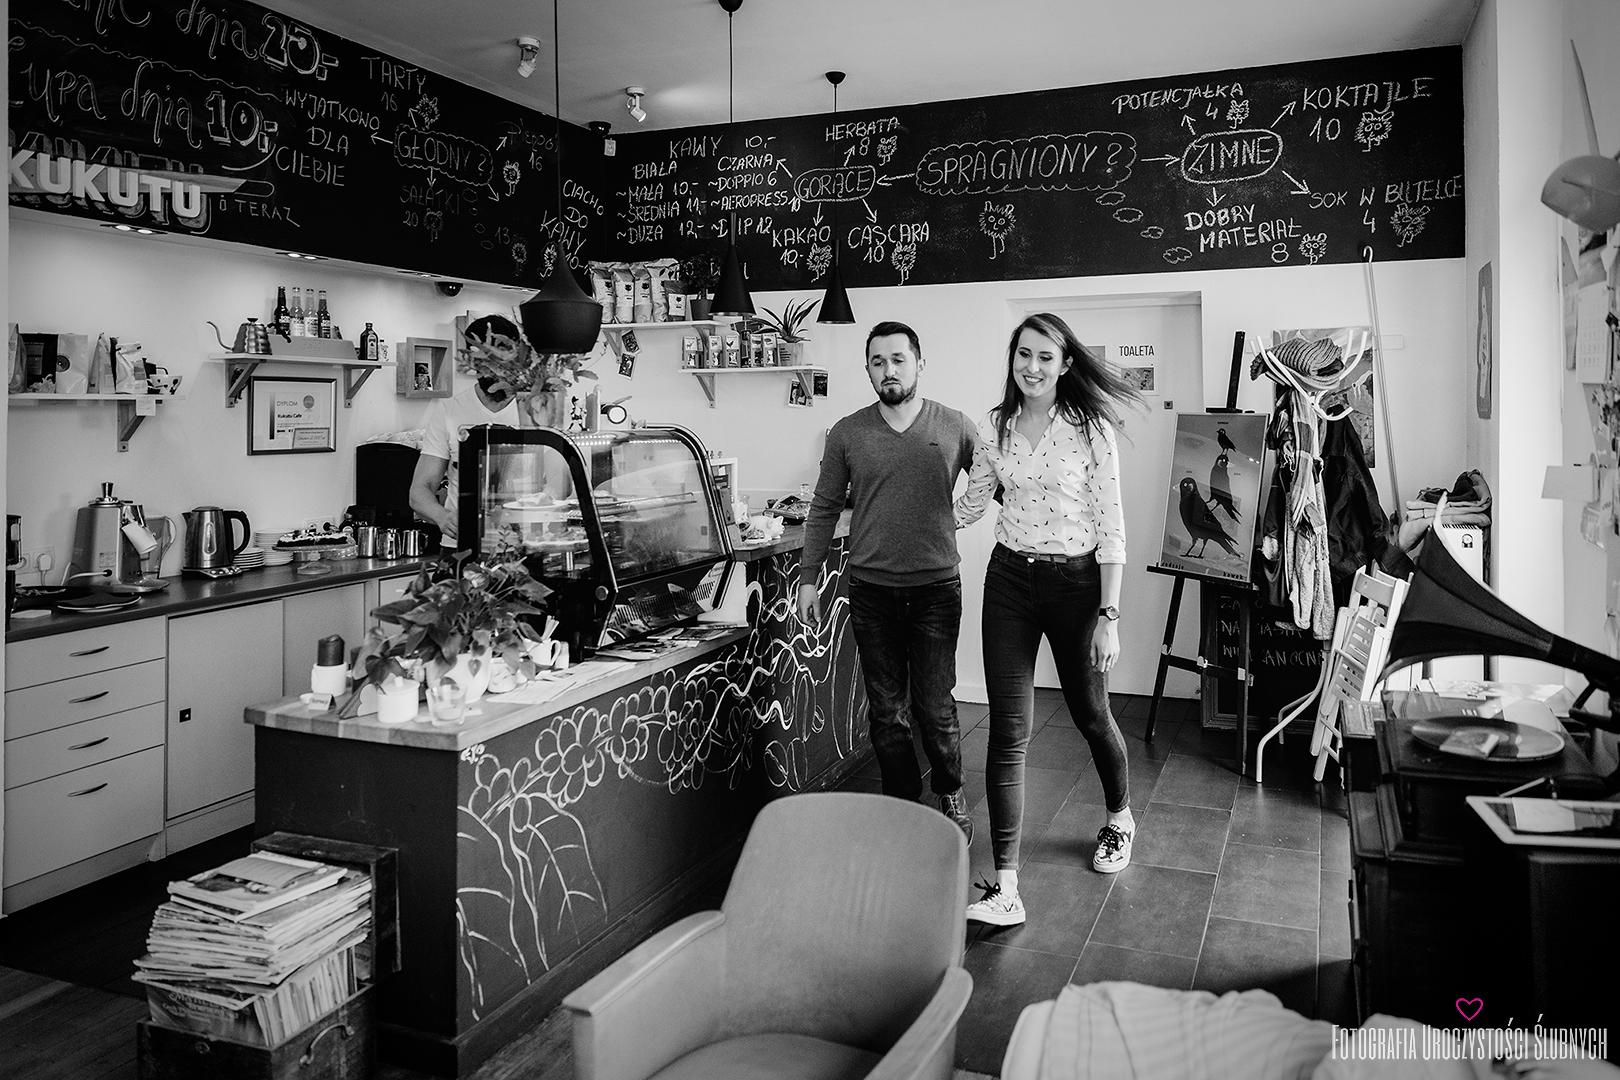 Fotografia ślubna Jelenia Góra - kawiarnia Kukutu Cafe. Ola i Łukasz na miejsce swojej sesje narzeczeńskiej wybrali klimatyczną kawiarnię w Jeleniej Górze, gdzie przy pysznej kawie miałam przyjemność wykonać dla nich sesję narzeczeńską.